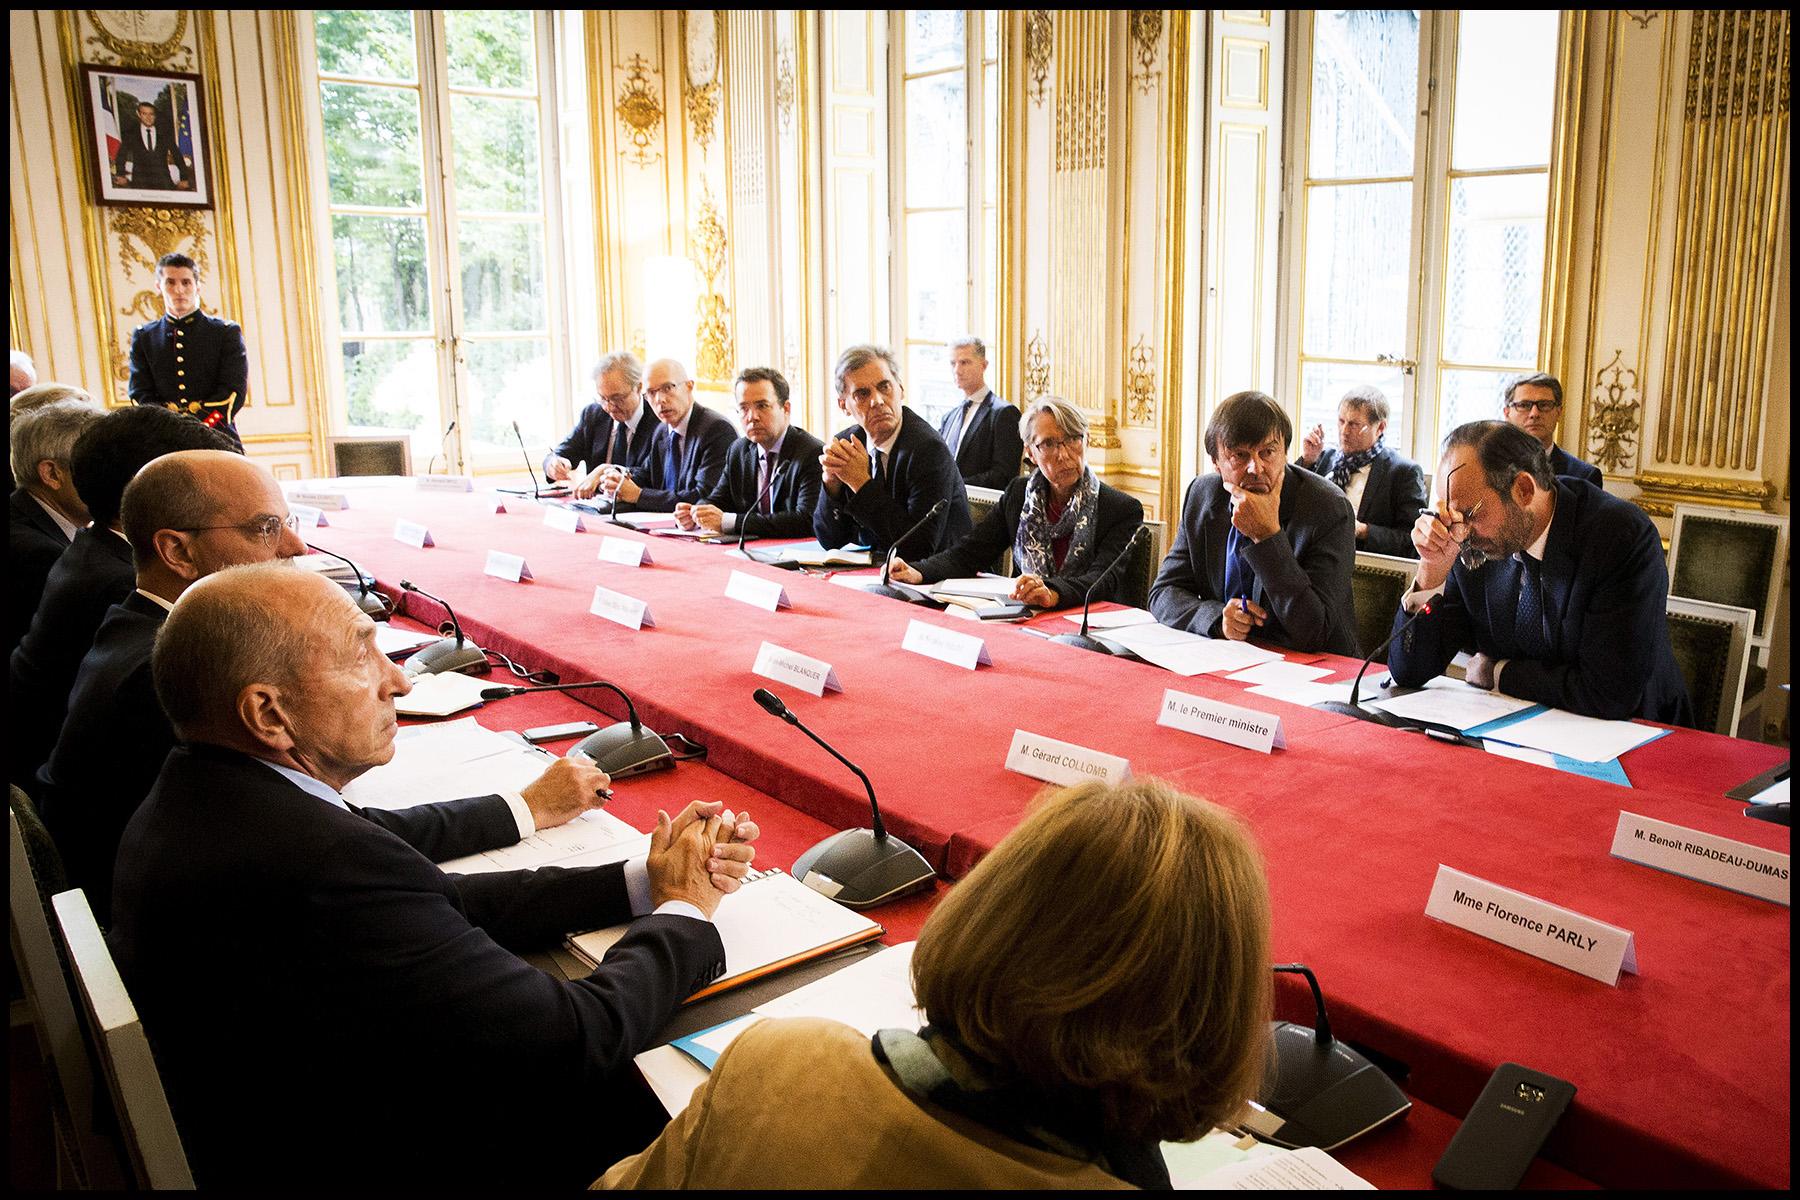 Le premier ministre Edouard PHILIPPE réunit les ministres et opérateurs concernés par l'ouragan Irma.